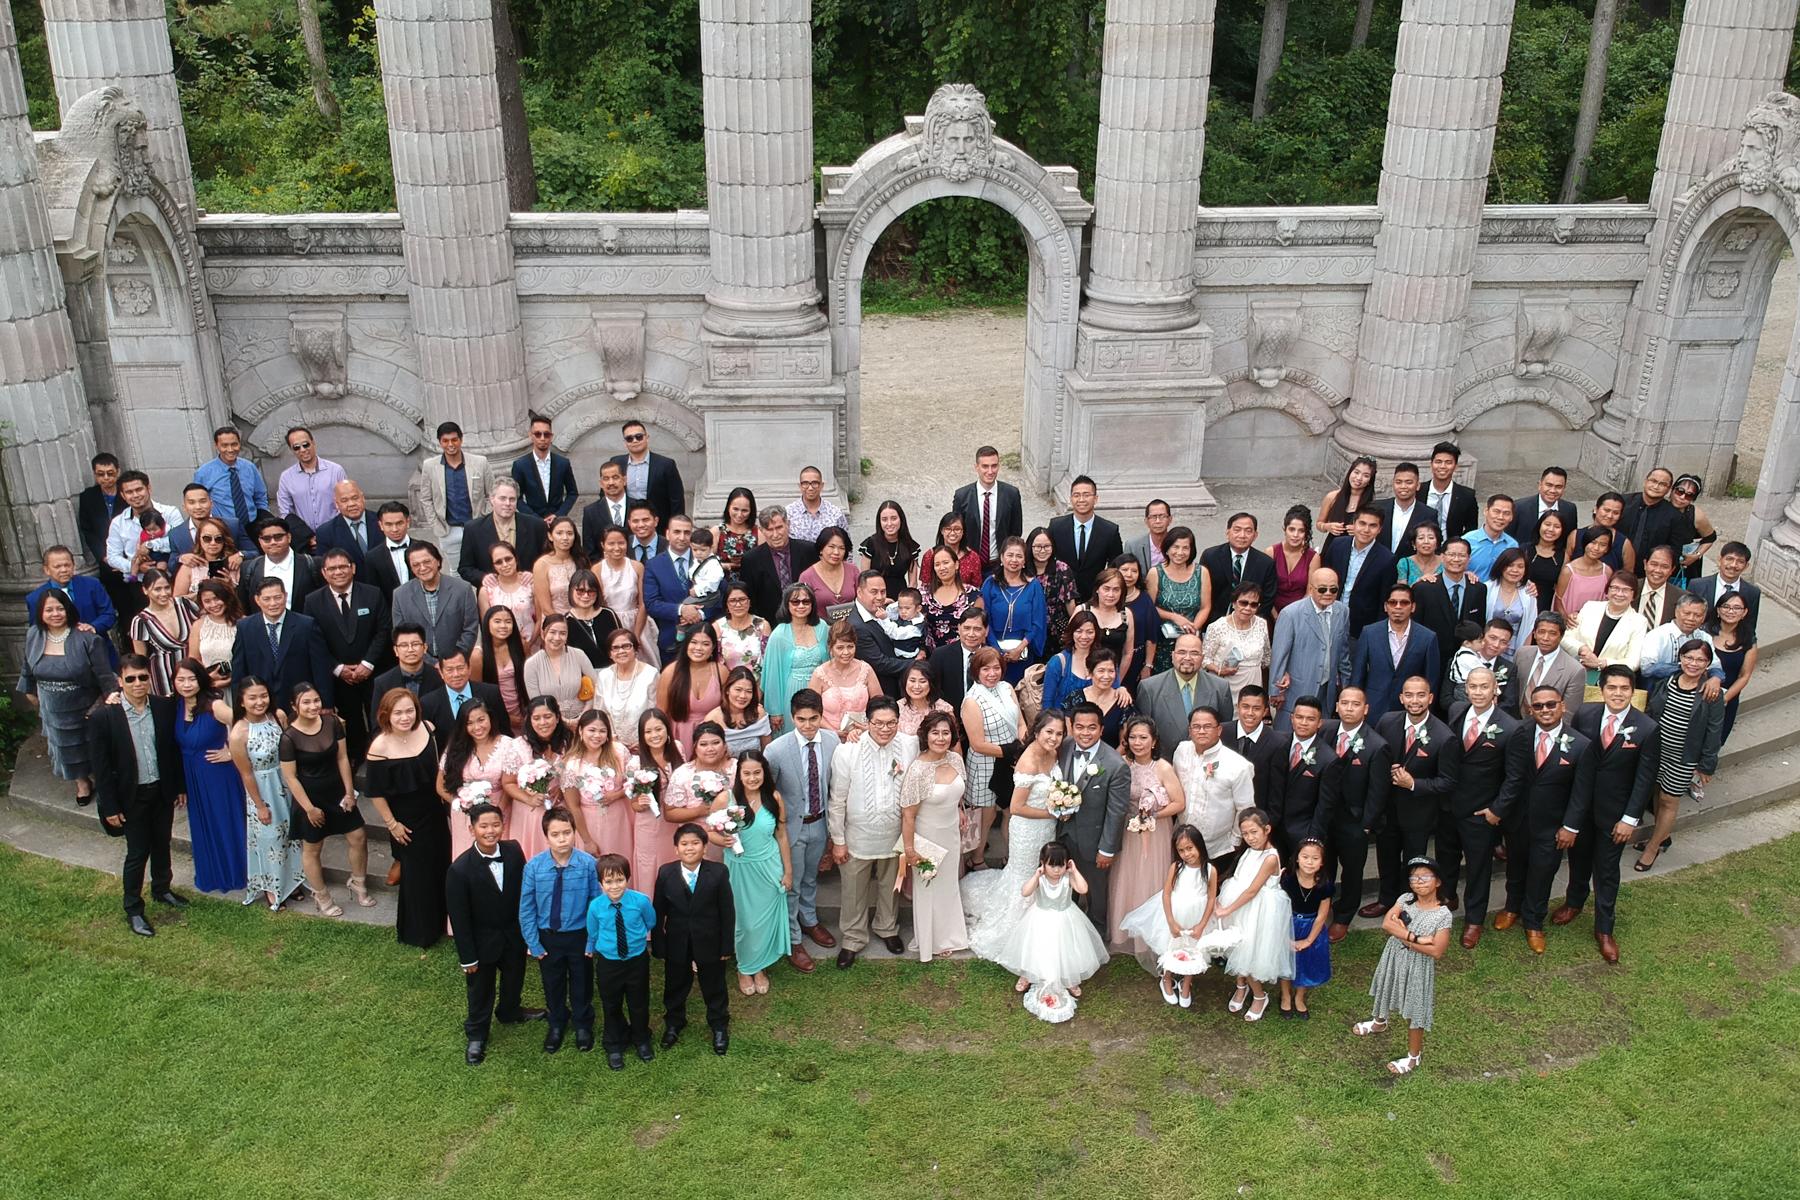 Guild Inn Park, Scarborough Ontario Drone Wedding Photography